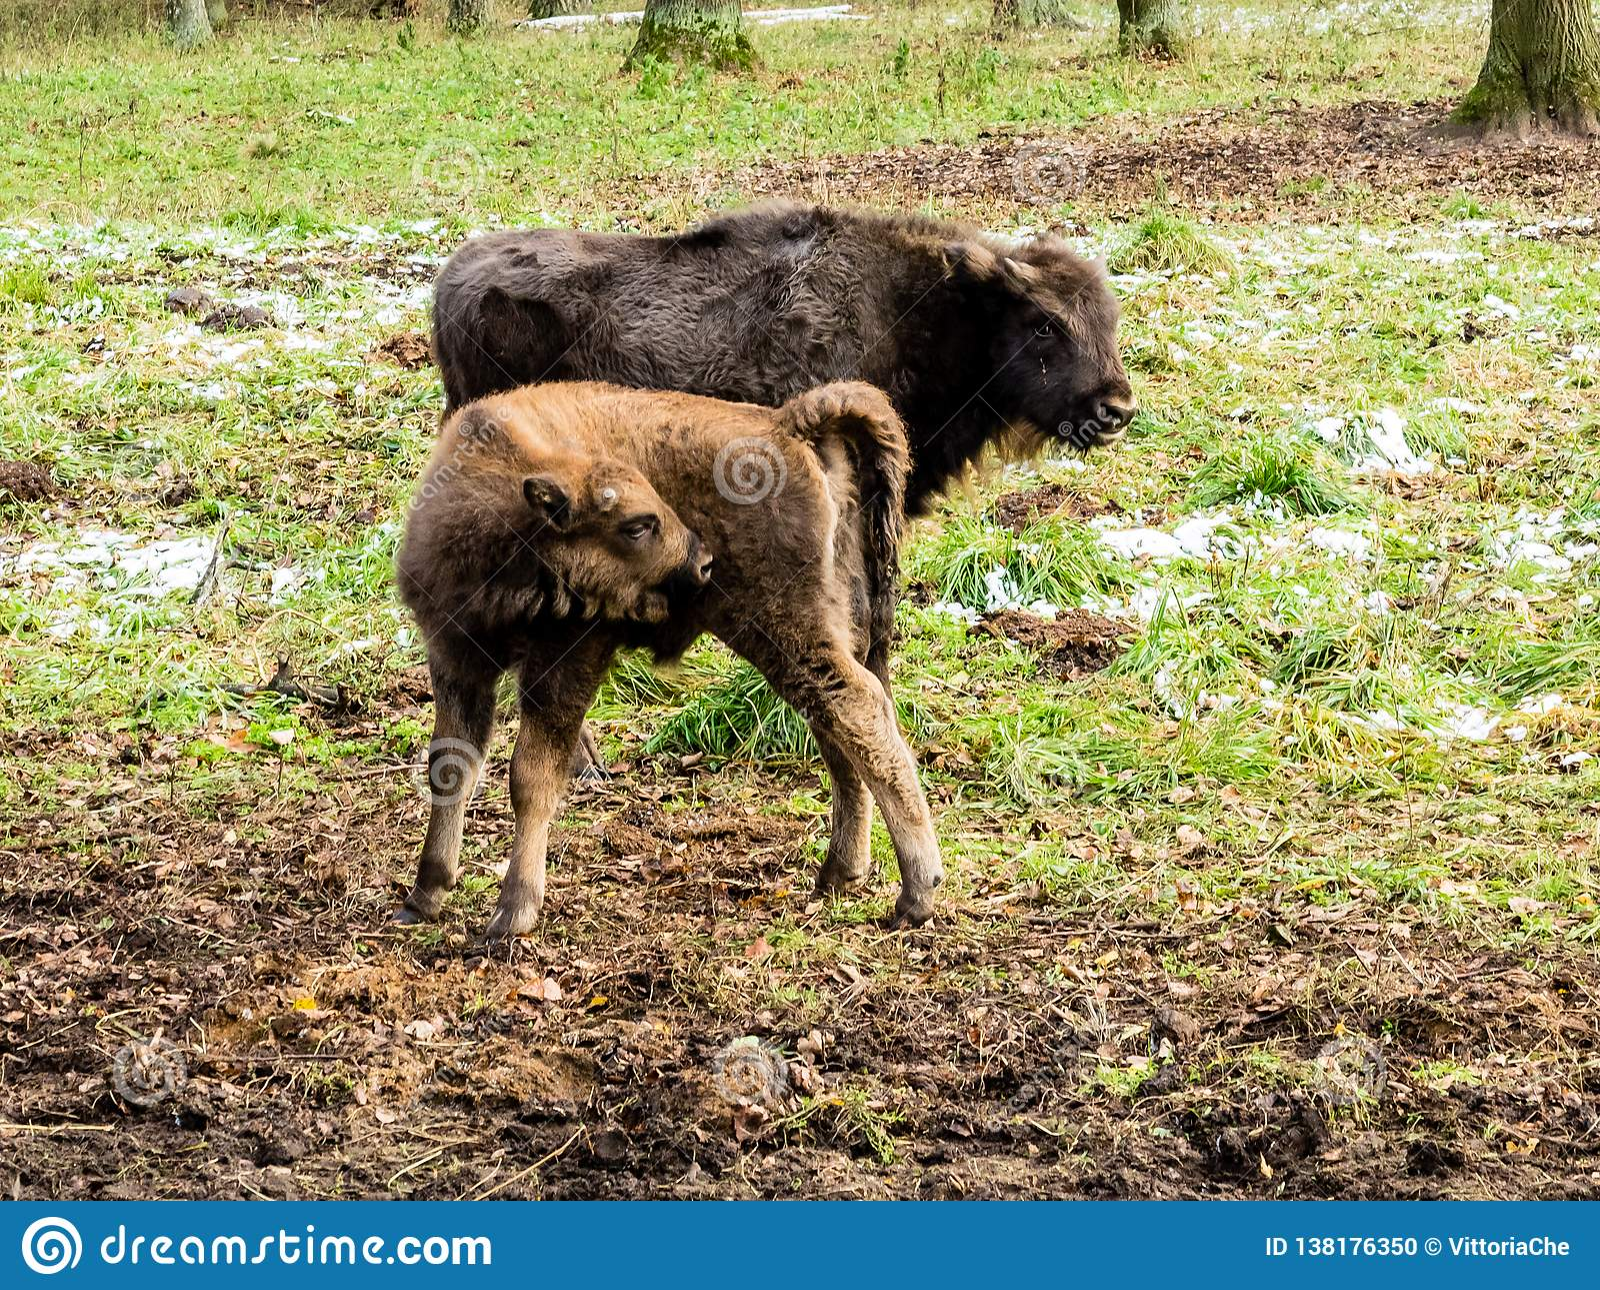 Ευρωπαϊκός bison bonasus βισώνων, νέα ζώα, aurochs στο δάσος